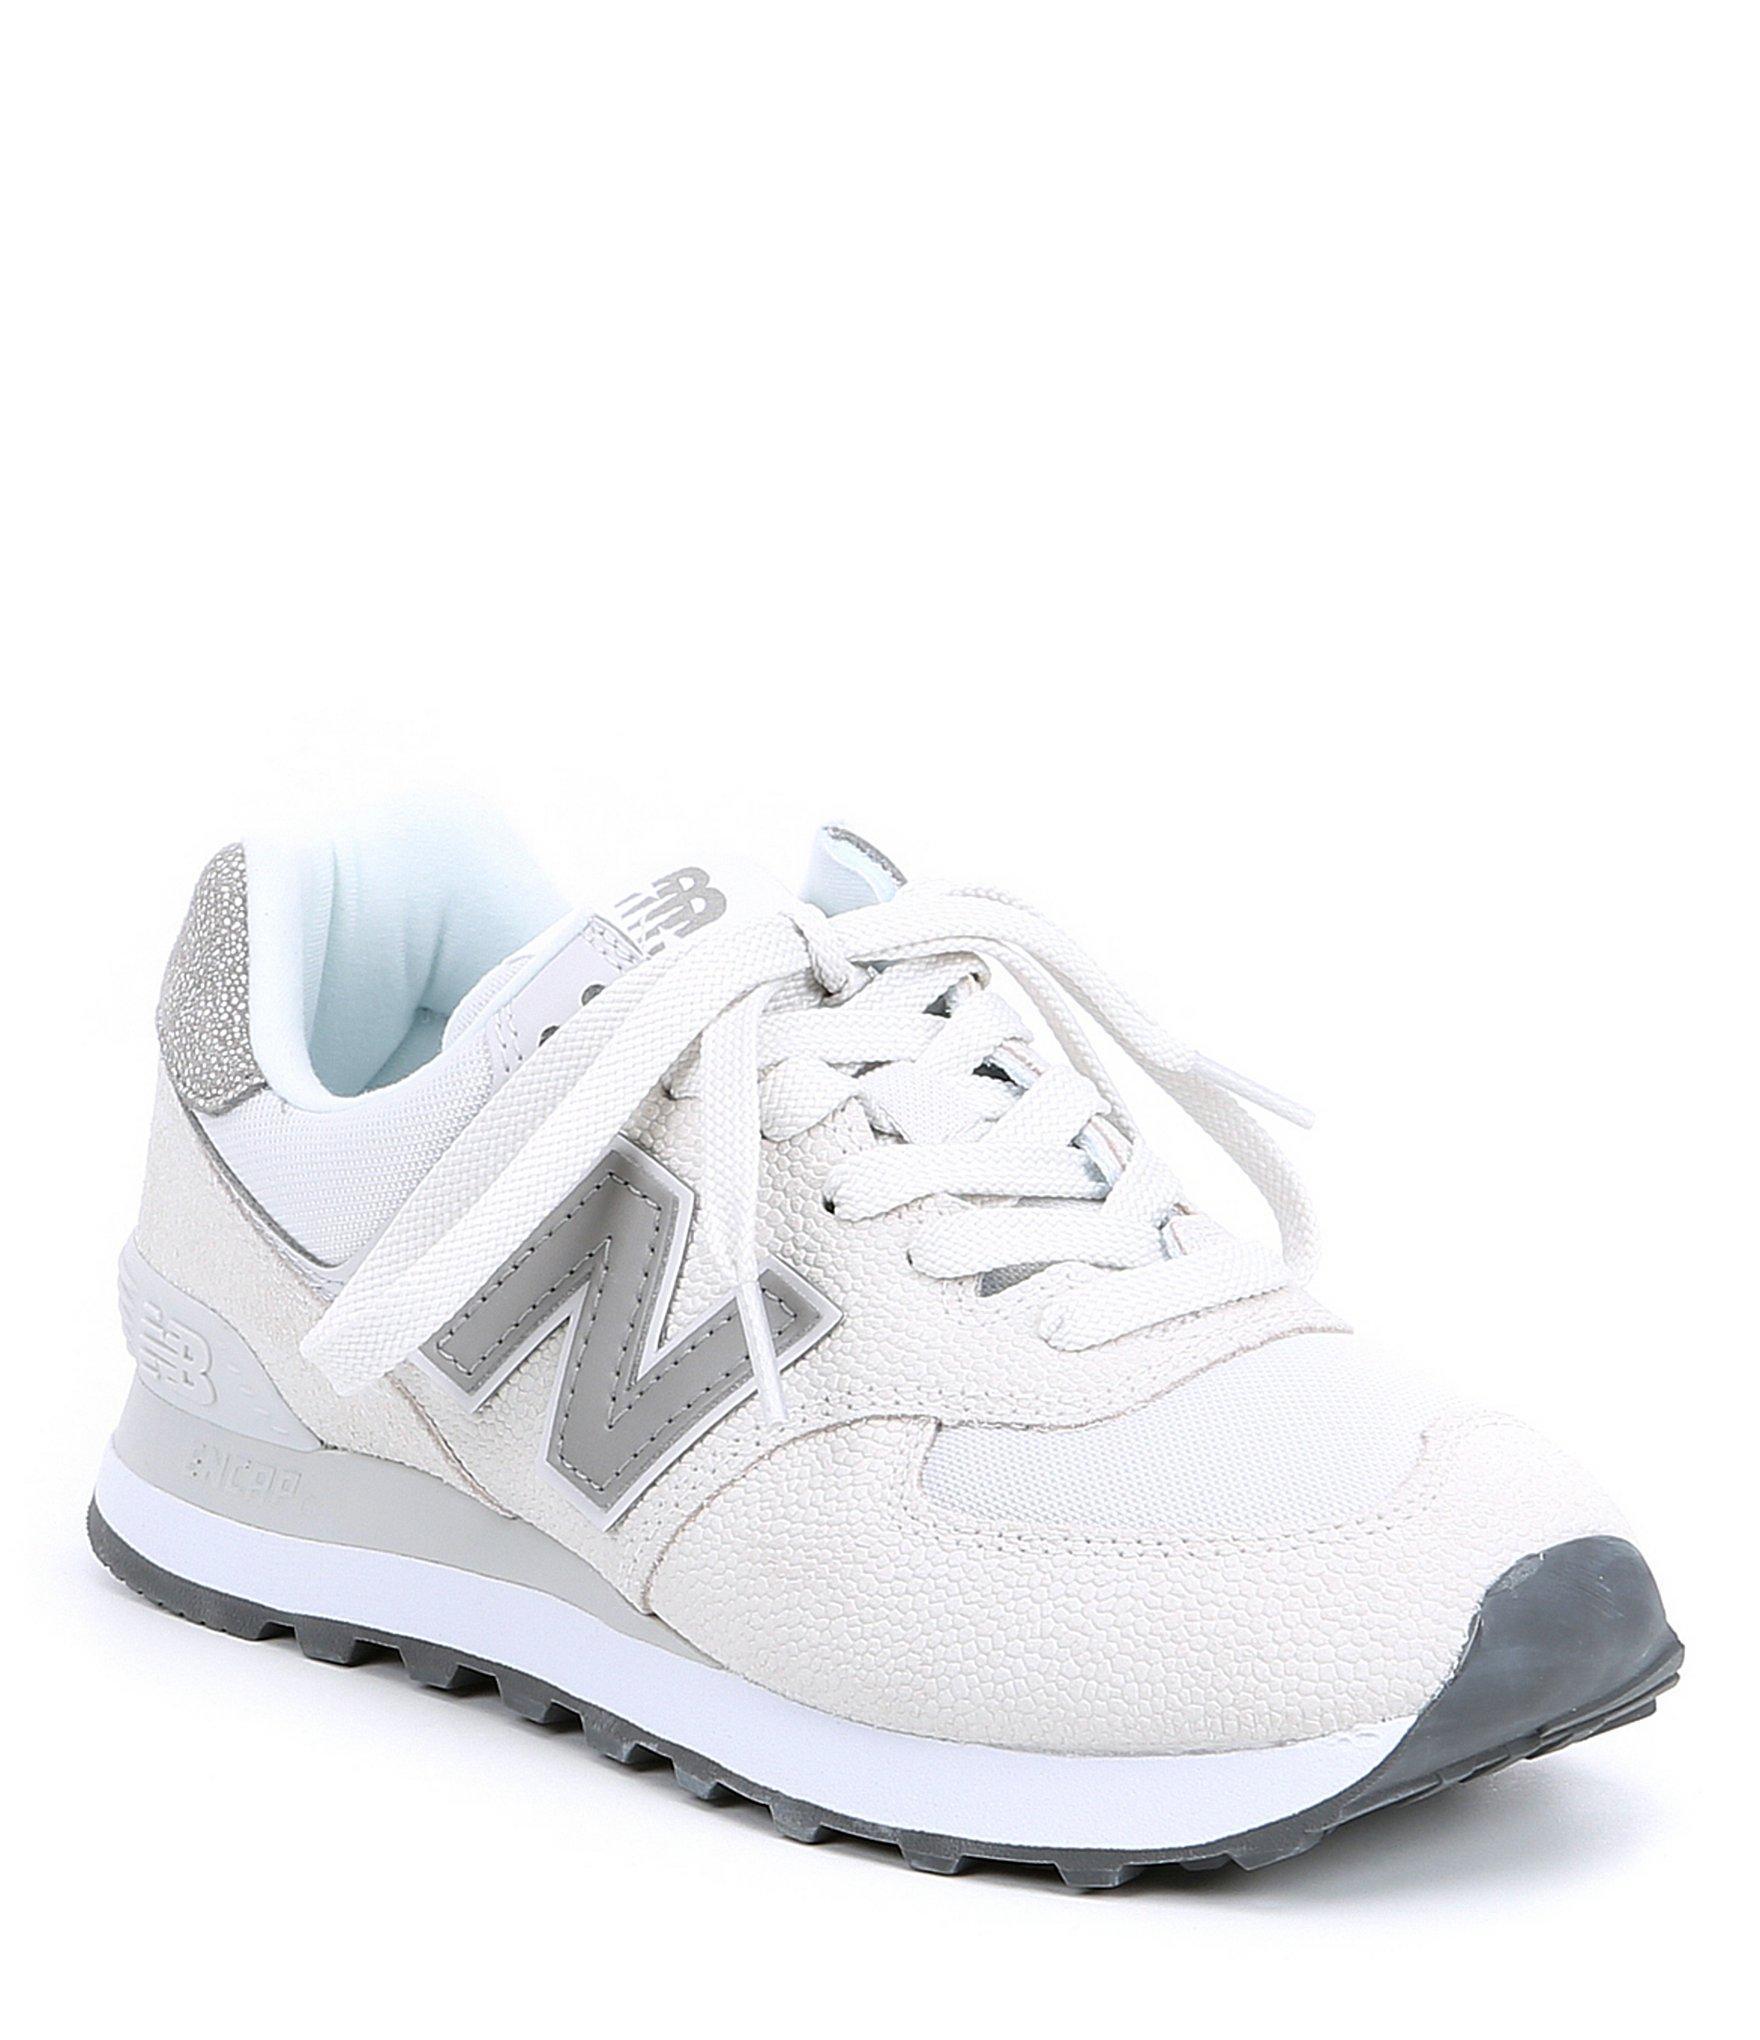 new balance women's 574 white